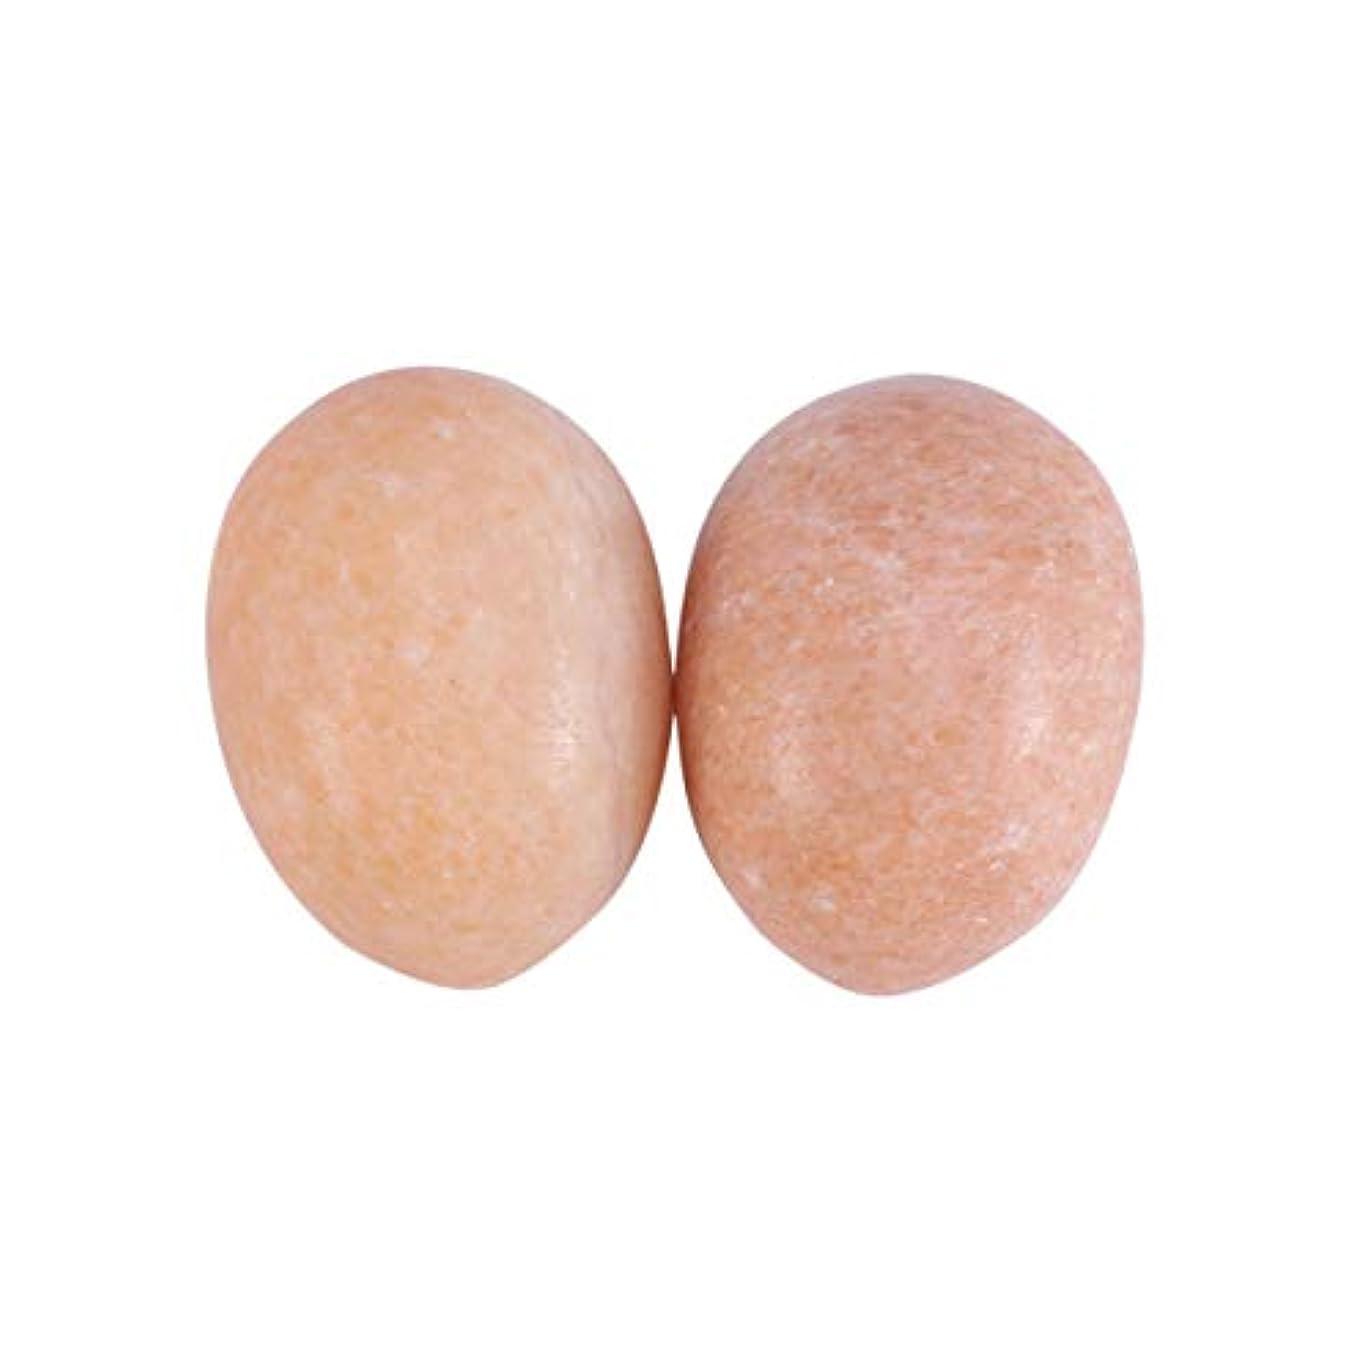 パネル社会負担Healifty 6PCS玉ヨニ卵マッサージ癒しの石のケゲル運動骨盤底筋運動(日没赤)